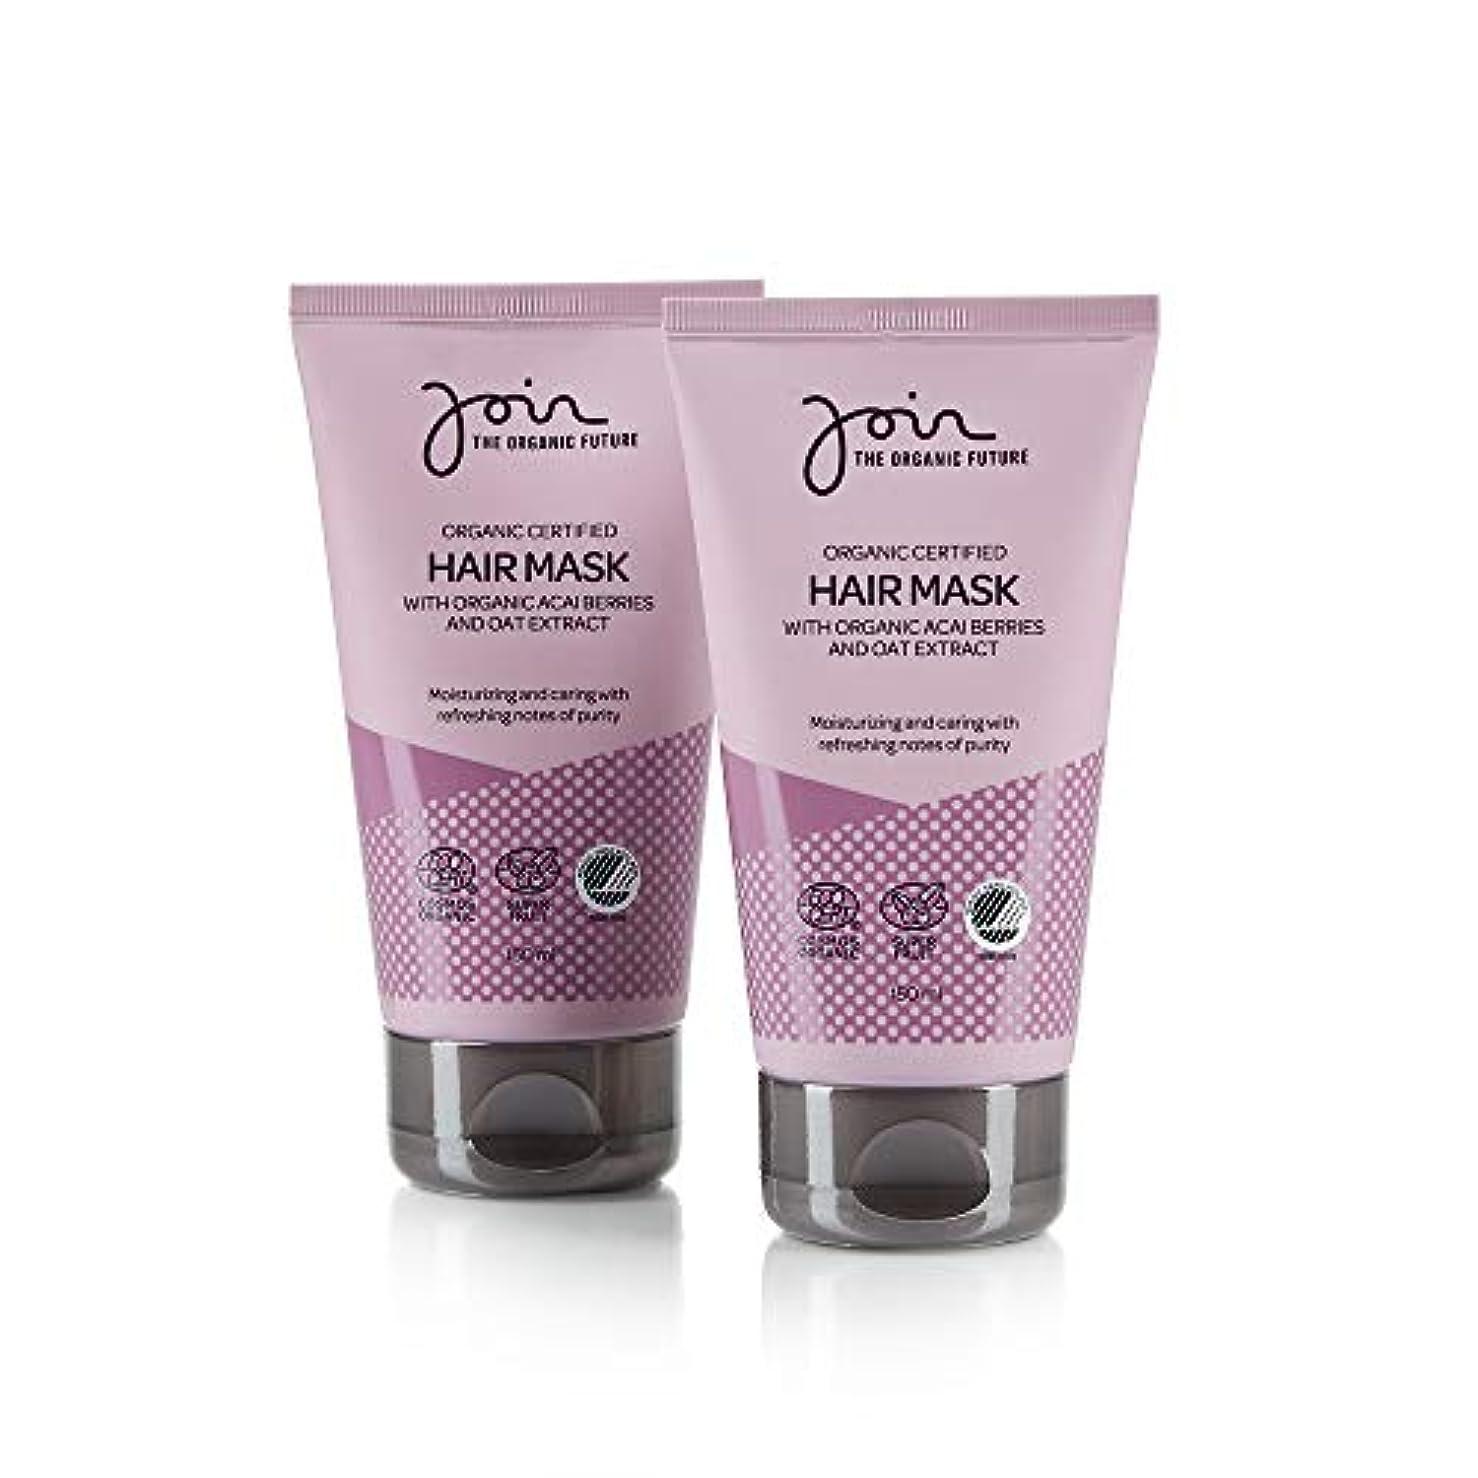 セラー横ぶどうAcai Berries&Oat Extractでオーガニック認定のヘアマスクに参加 - 150ml入りチューブ2本入り。